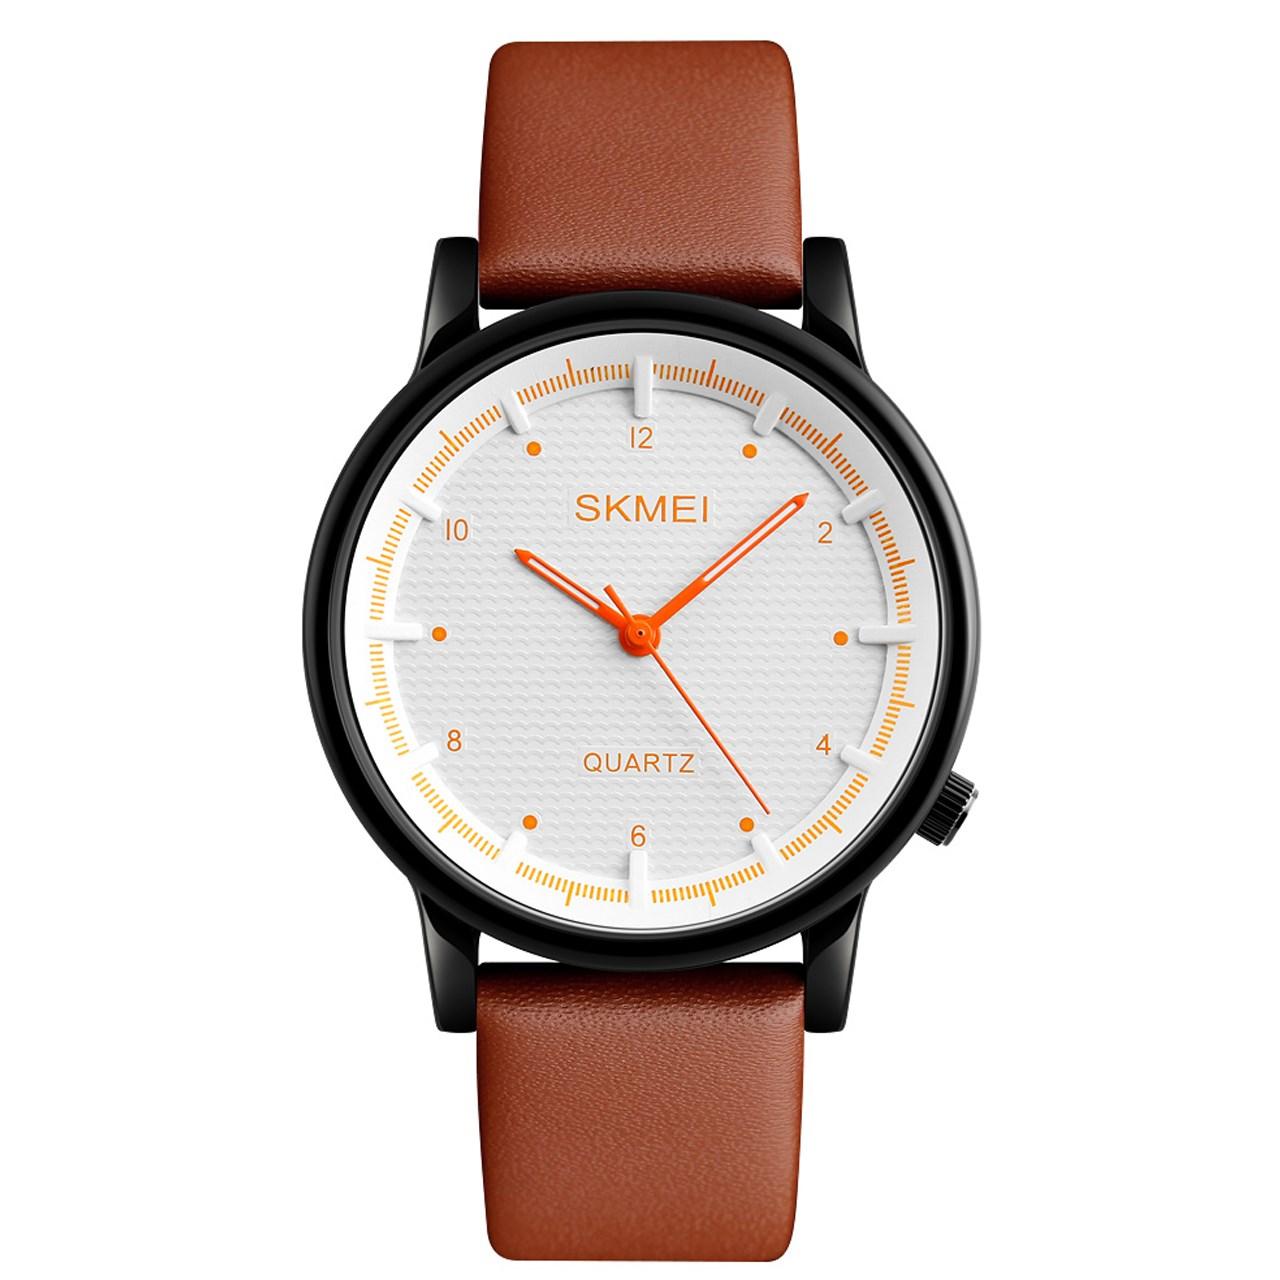 ساعت مچی عقربه ای مردانه اسکمی مدل 1210 کد 01